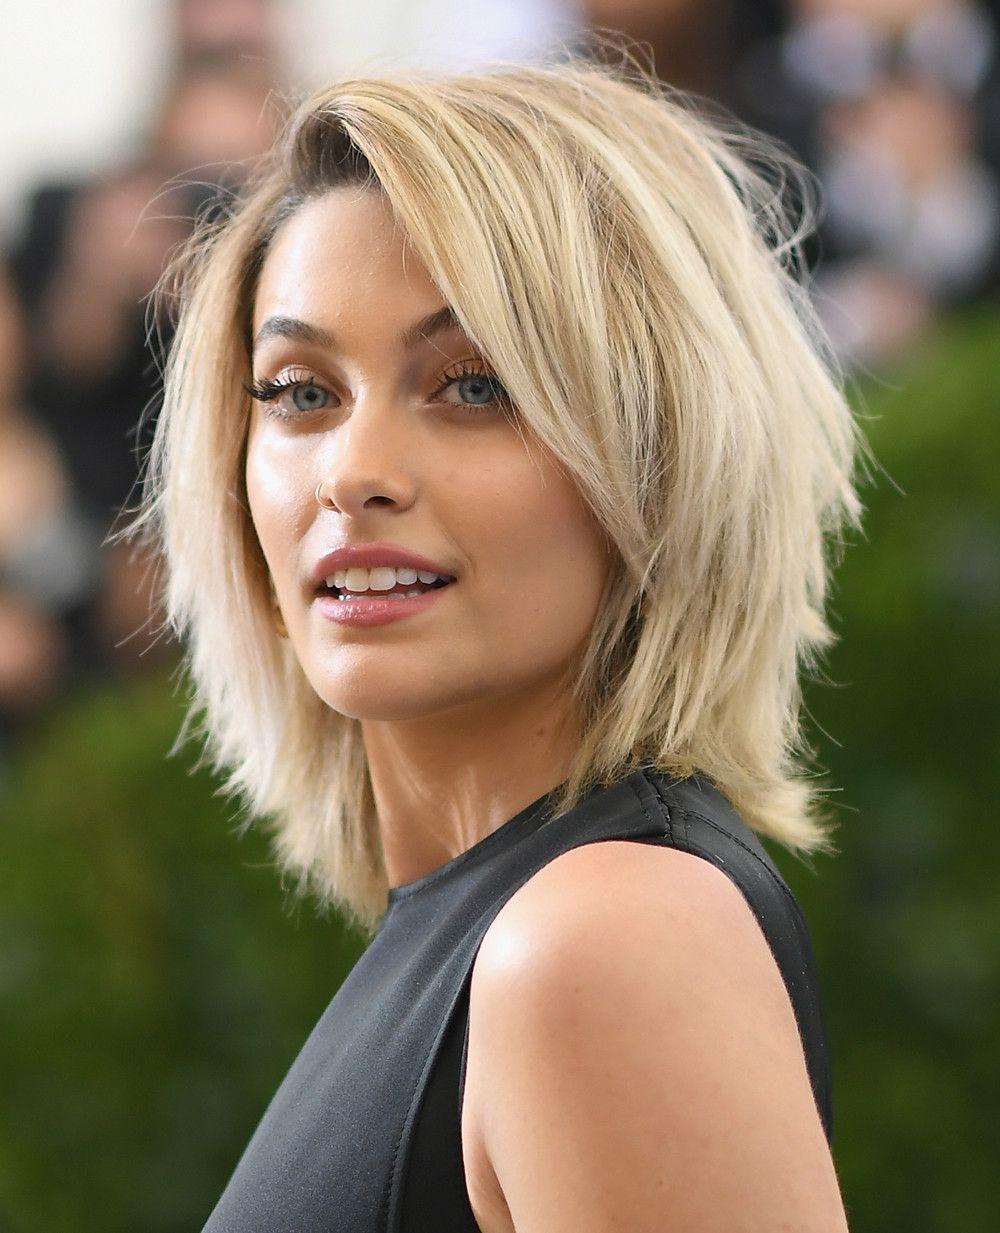 Paris Jackson Halflang Kapsel Voor Fijn Haar Kapsels Halflang Fijn Haar